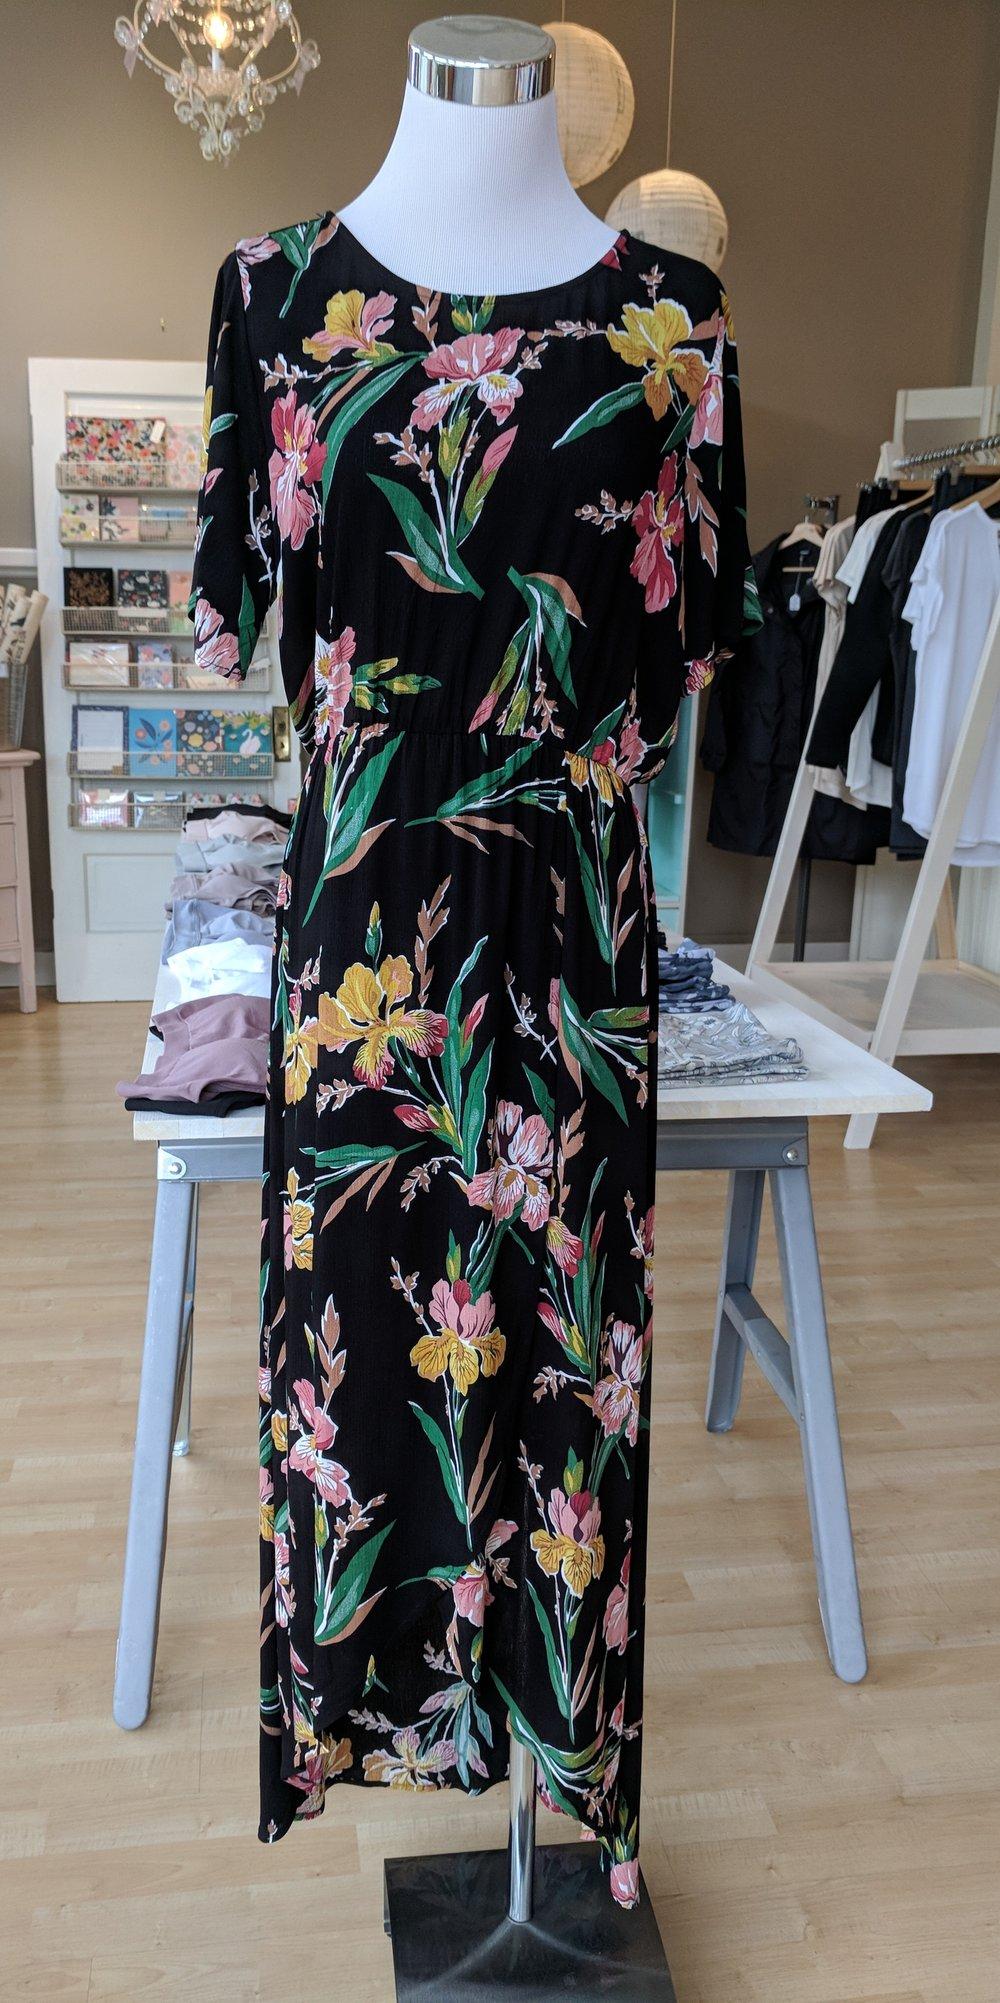 Black Floral Maxi Dress $52